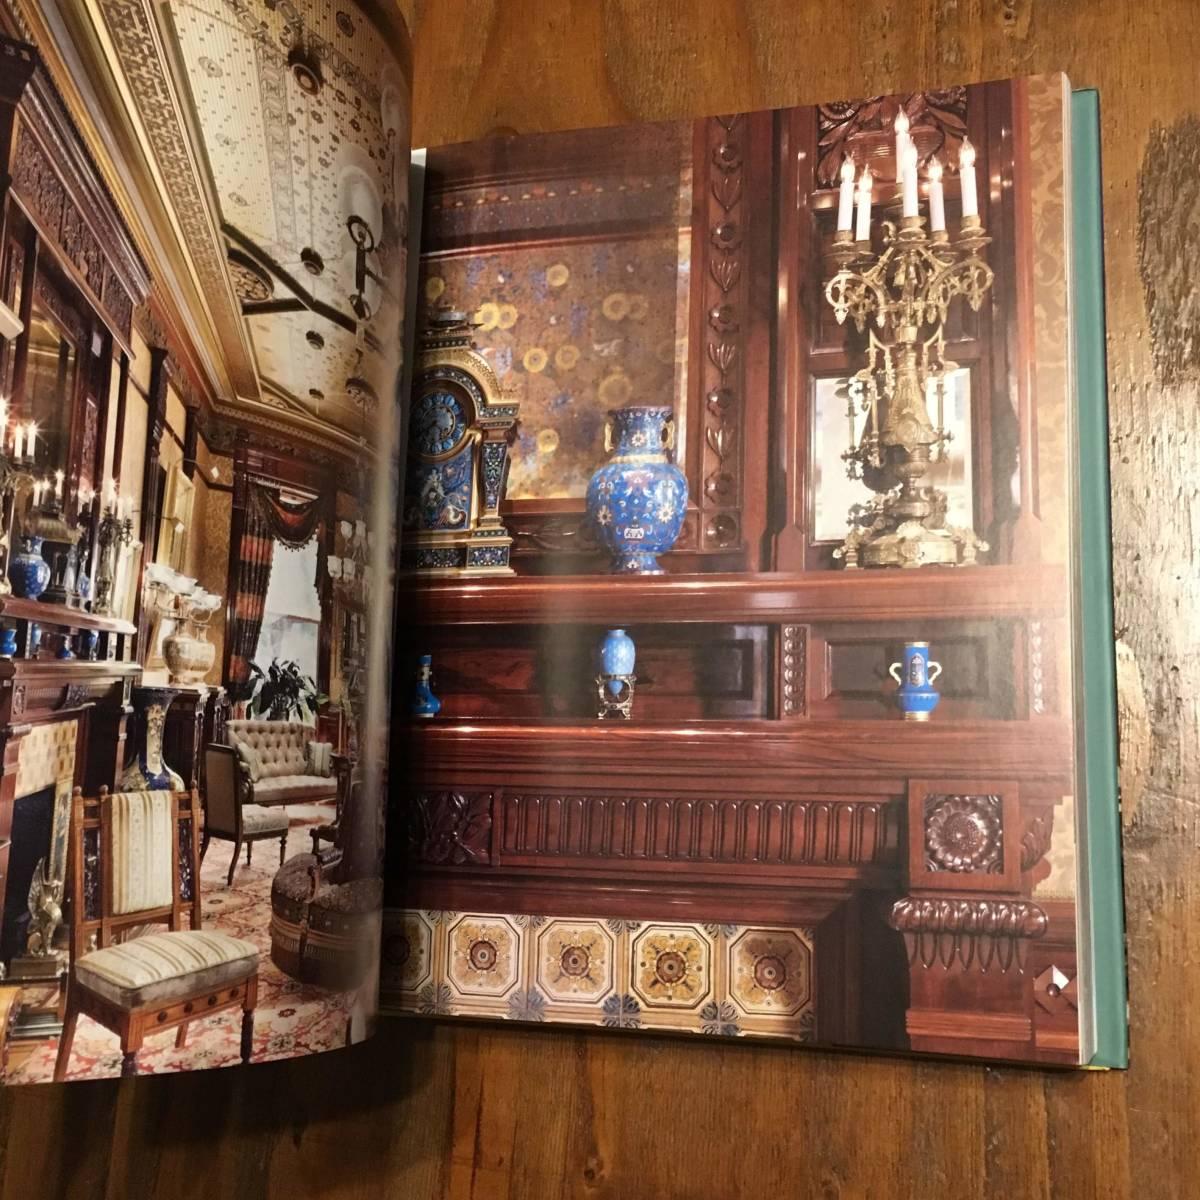 2018年 New York Splendor The City's Most Memorable Rooms Wendy Moonan Robert A.M Stern Rizzoli ニューヨーク luxury 部屋 デザイン_画像4